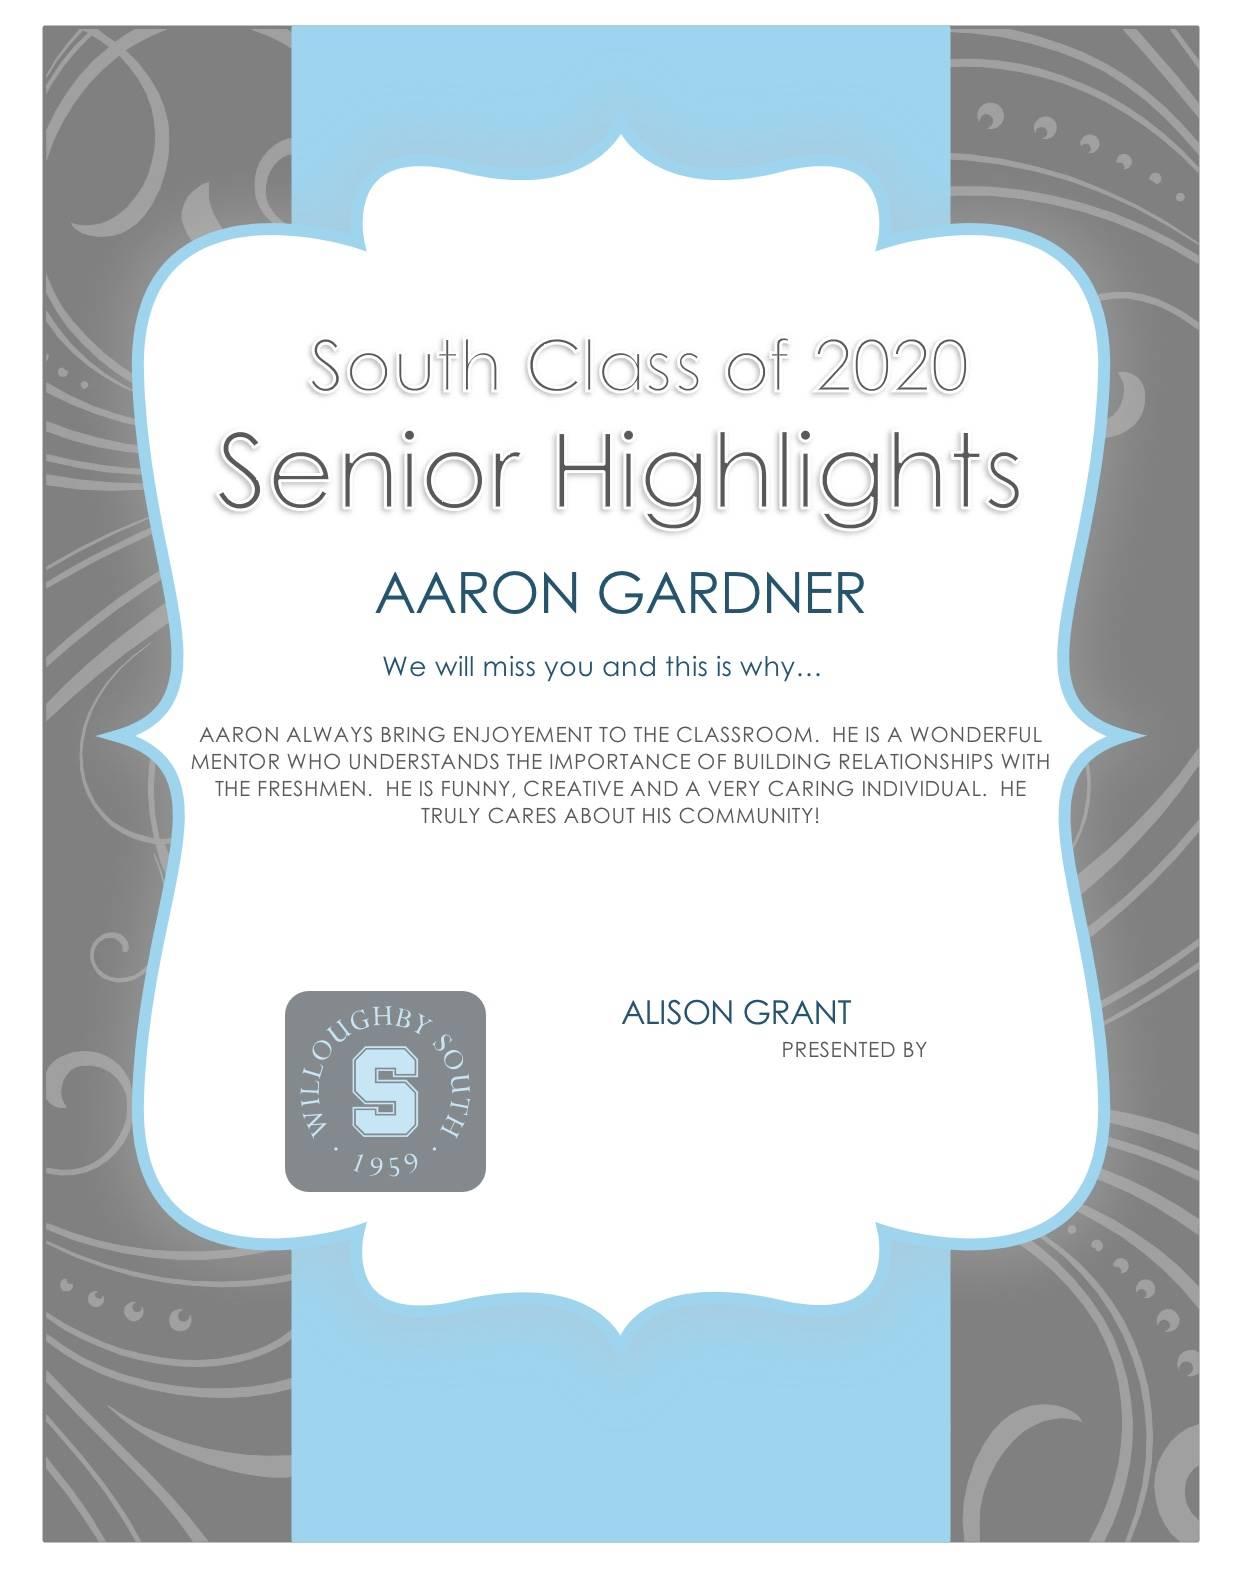 Aaron Gardner